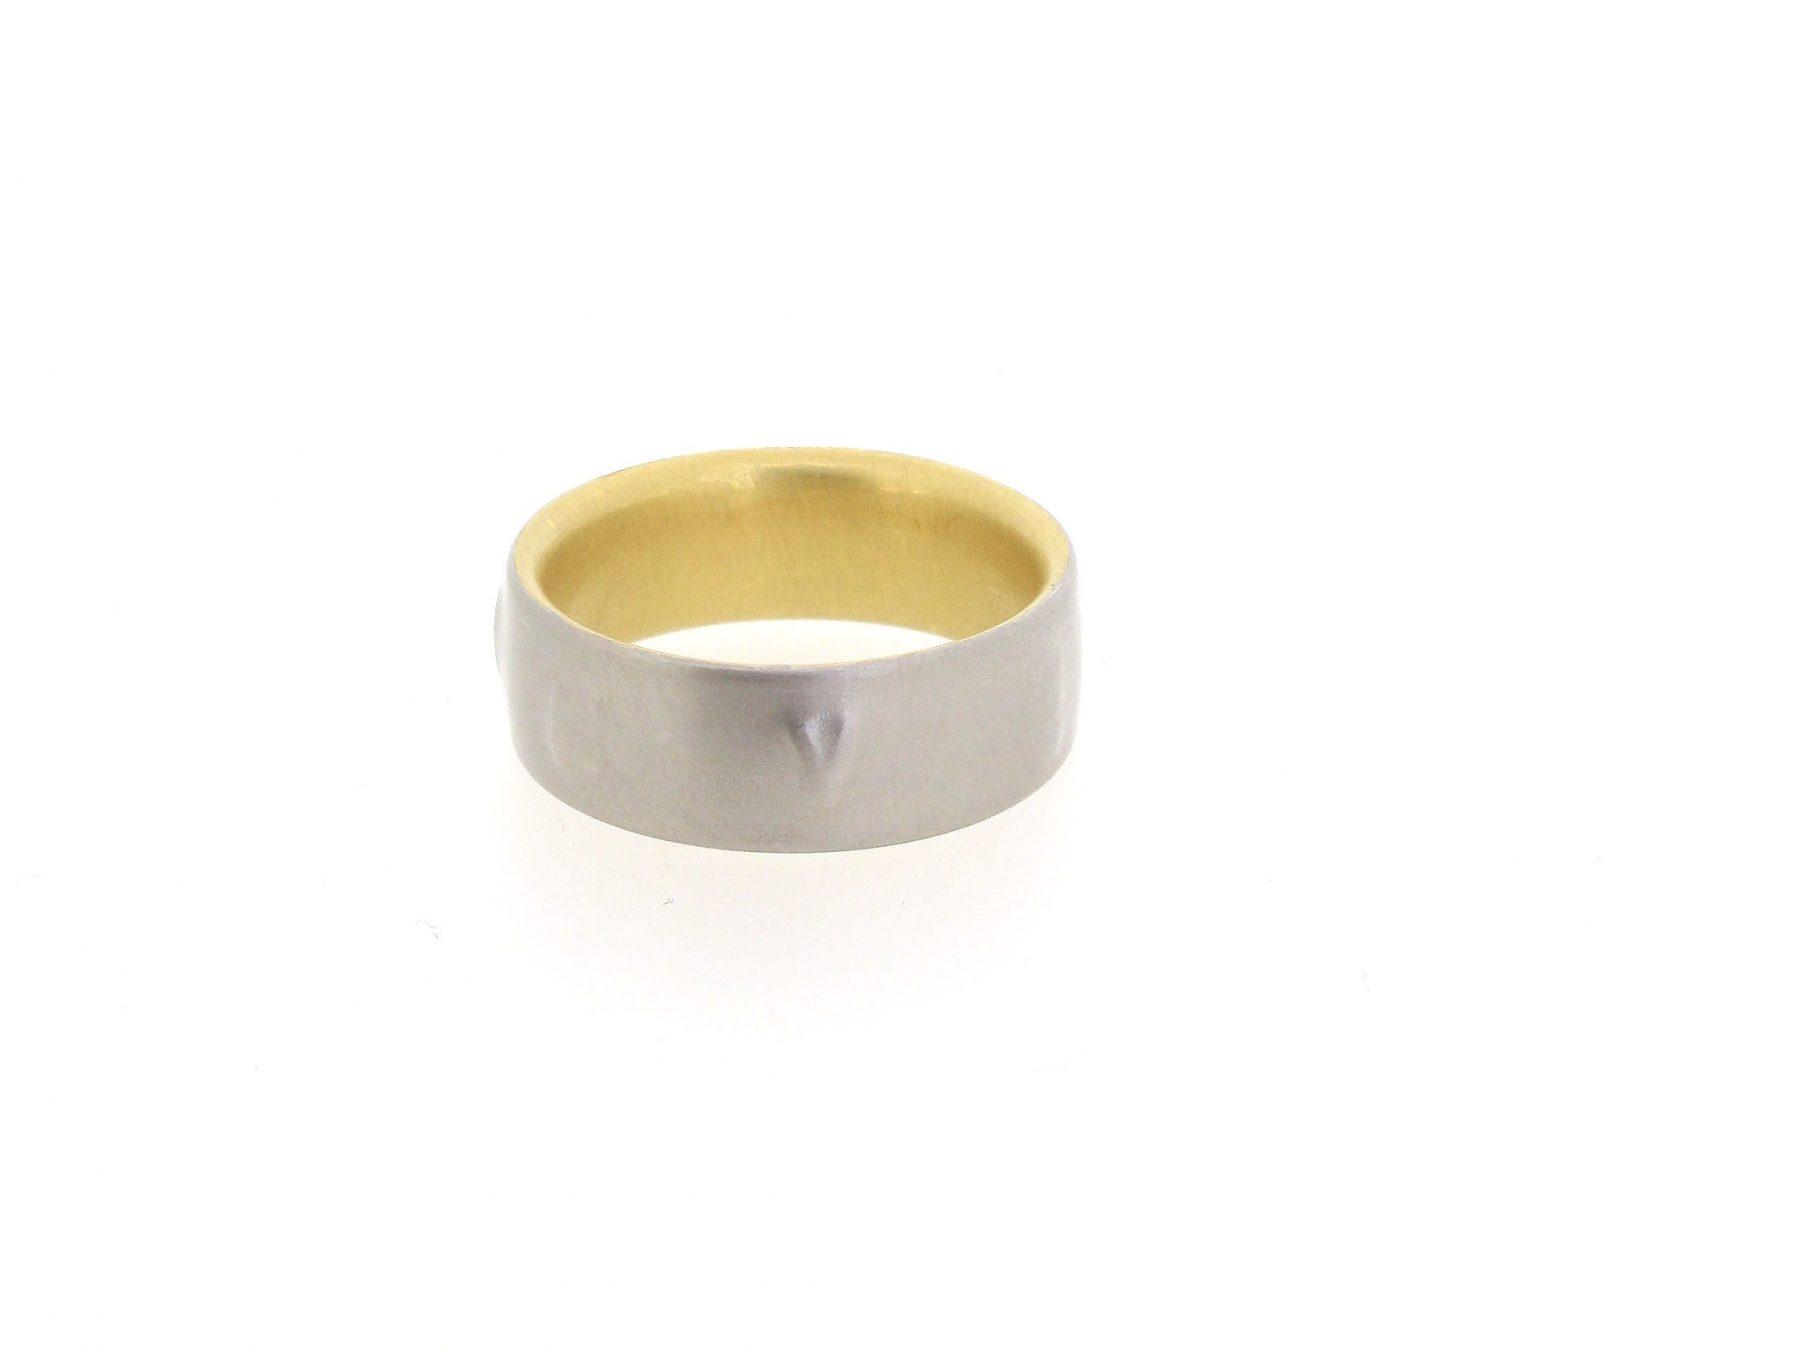 Ring Signum 950 Platin 18ct - Niessing - N151025-8,5-pt